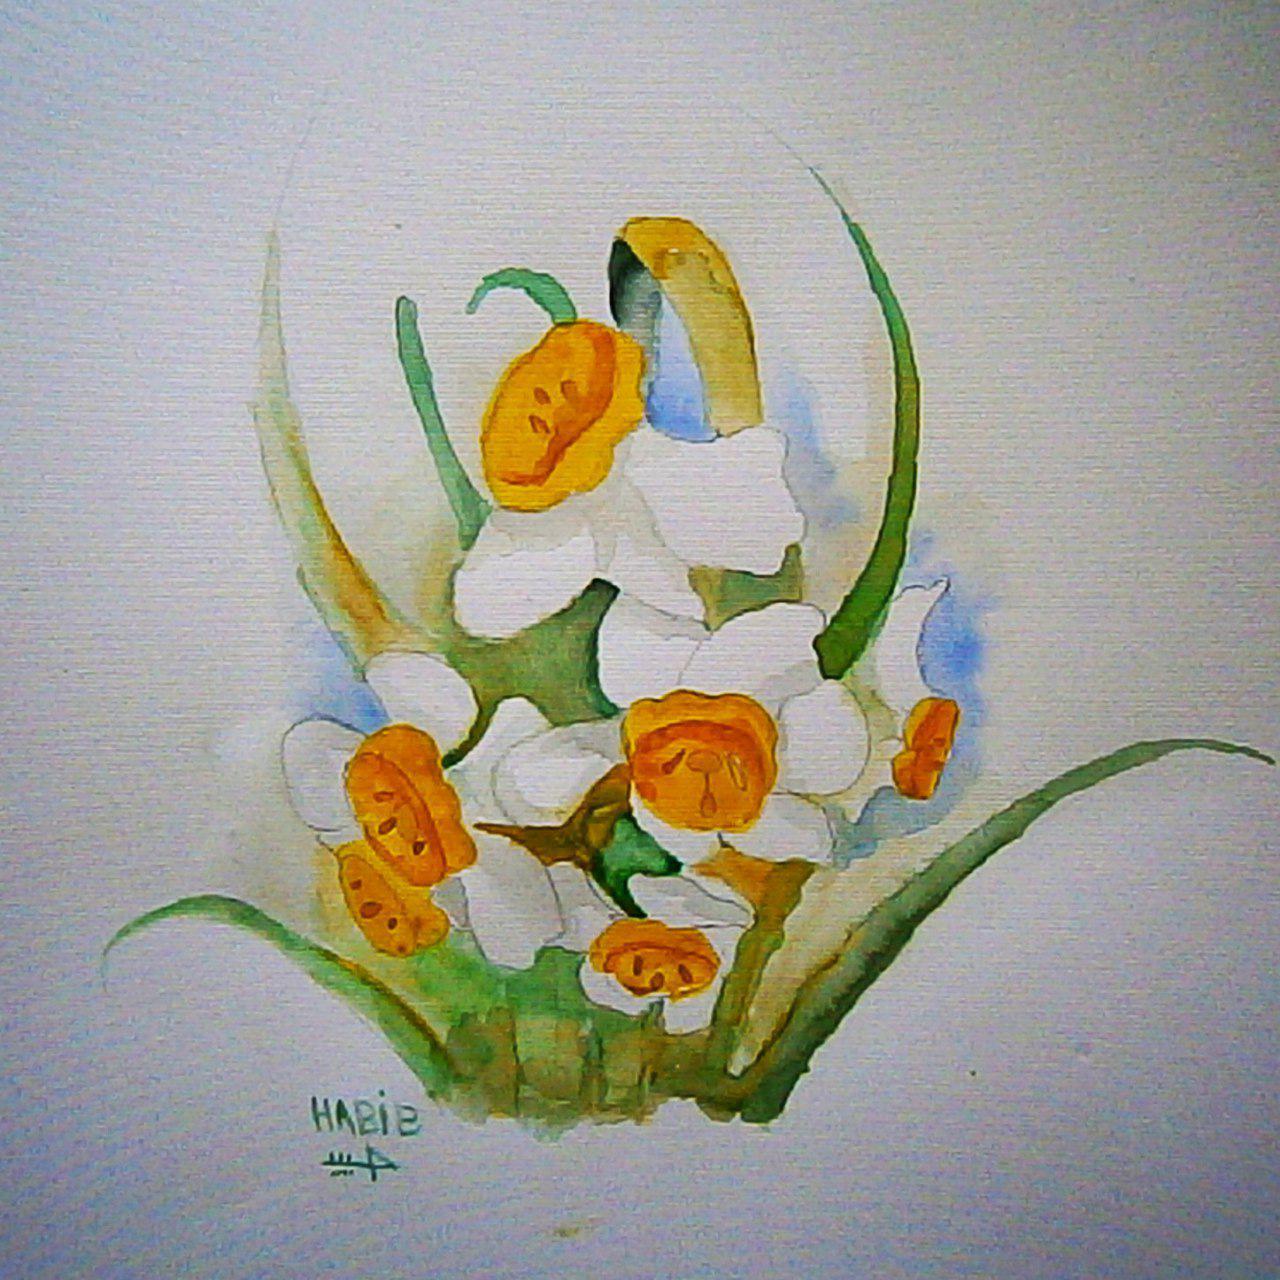 طراحی های بسیار جالب و هنرمندانه حبیب چراغی ( به درخواست Ali EM عزیز)